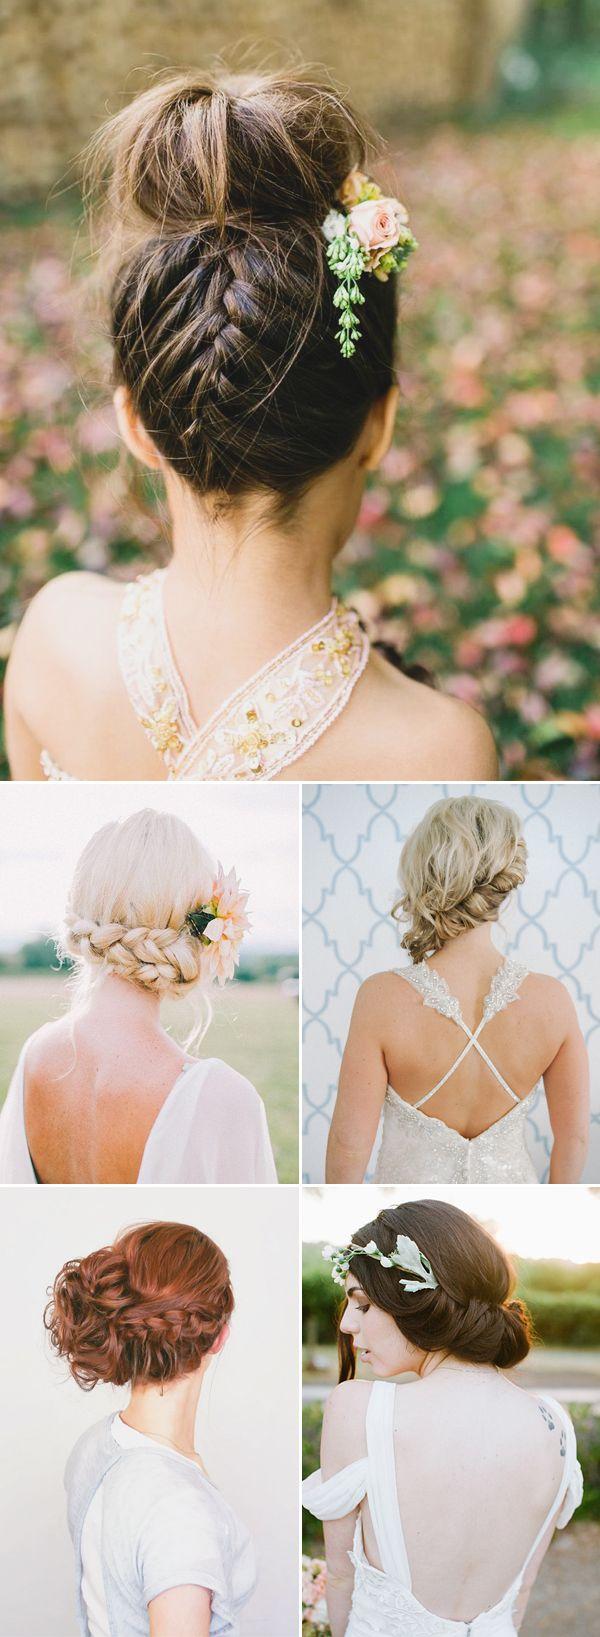 Oh So Romantic! 20 Natural Bohemian Bridal Hairstyles - Boho Updo